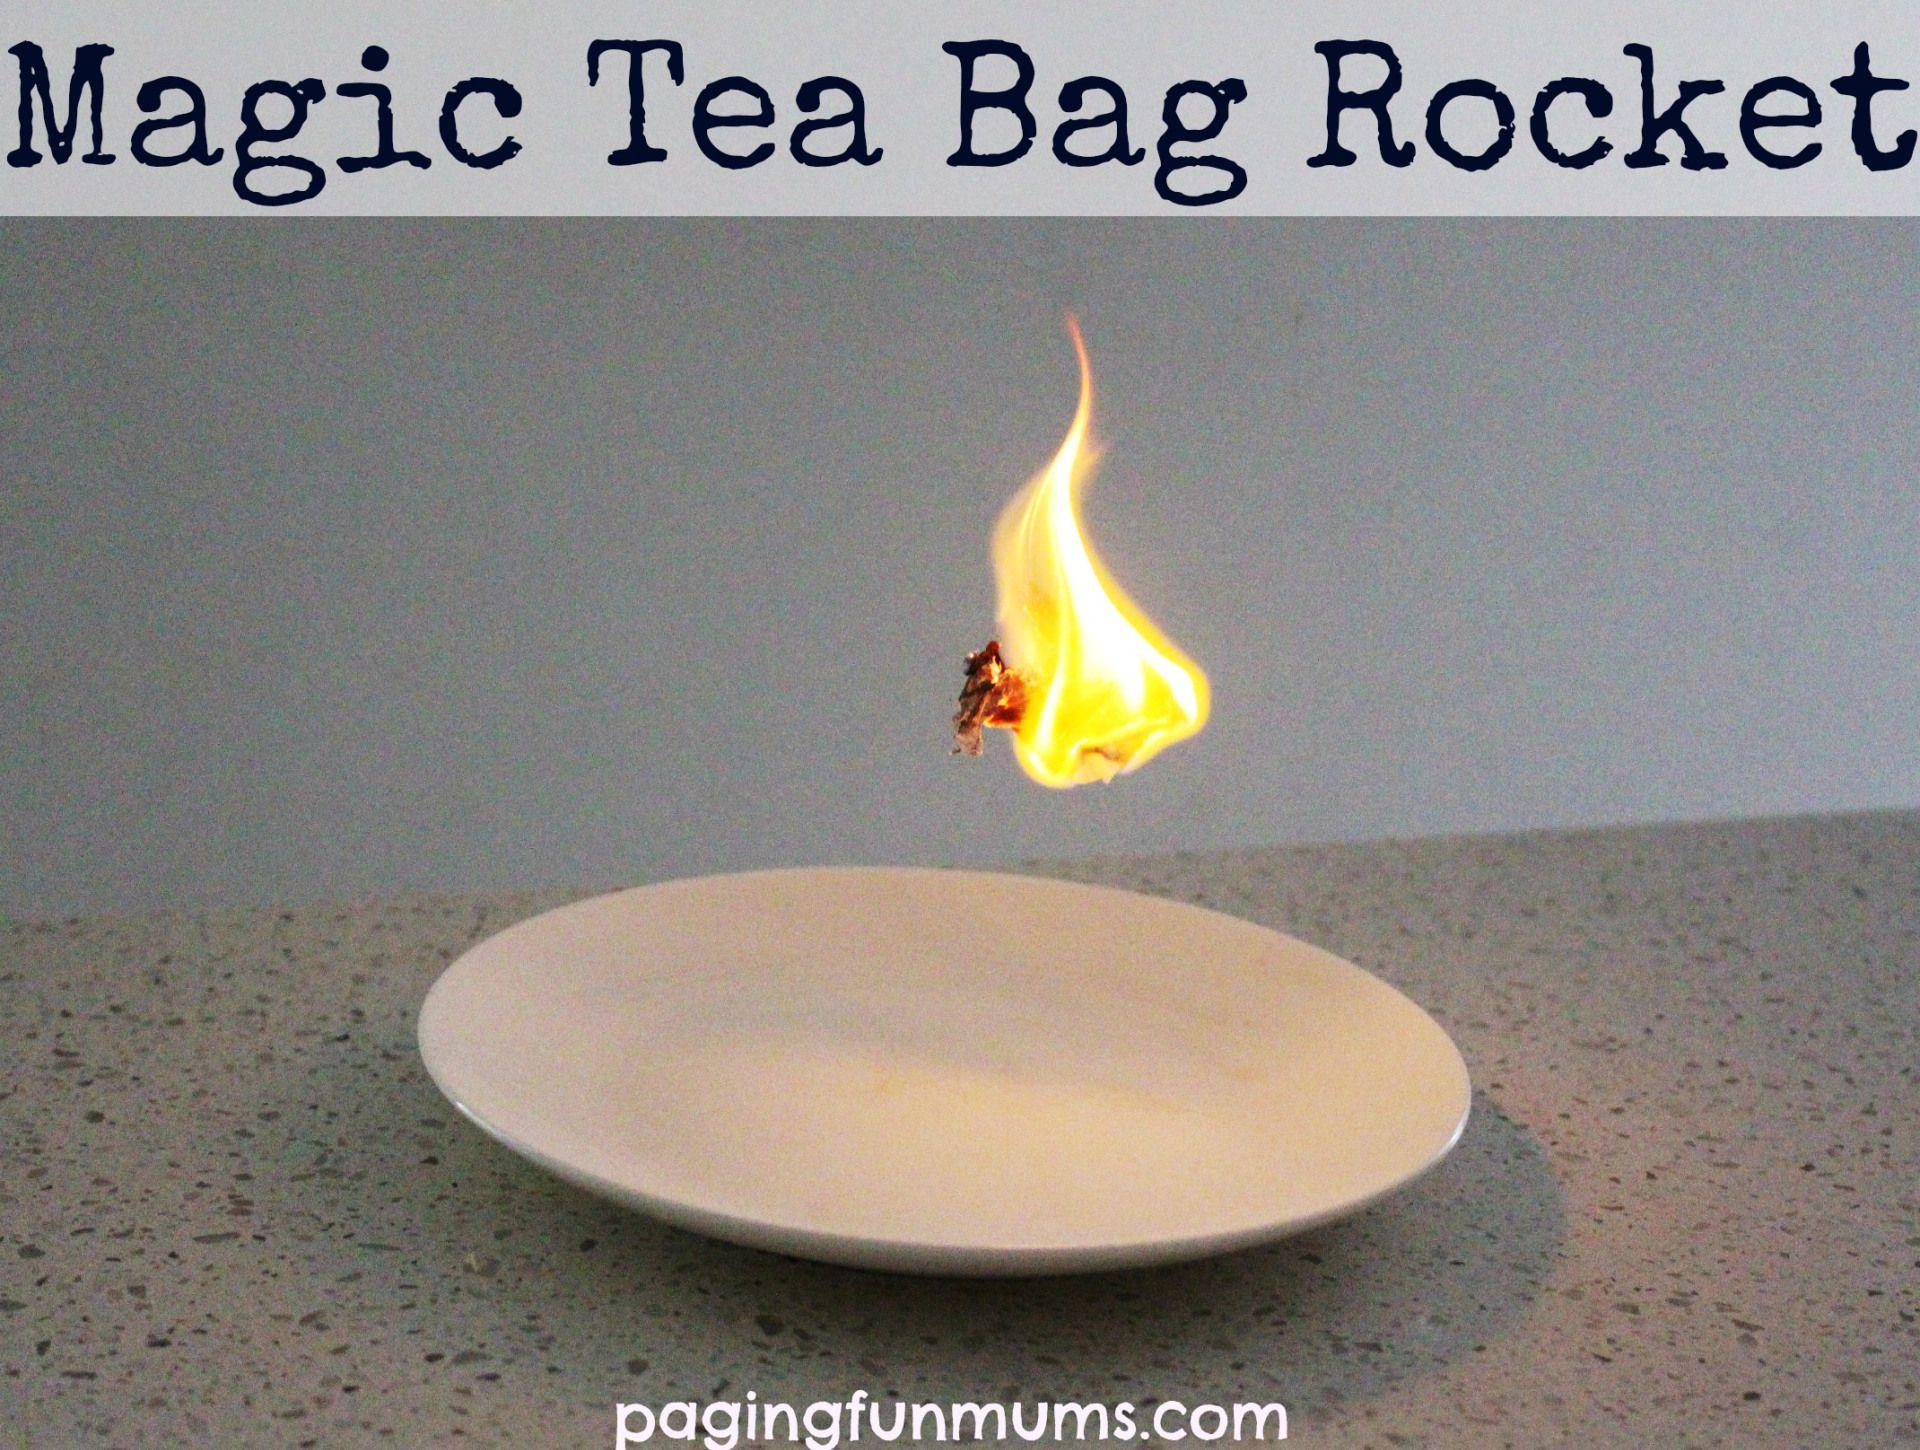 Magic Tea Bag Rocket